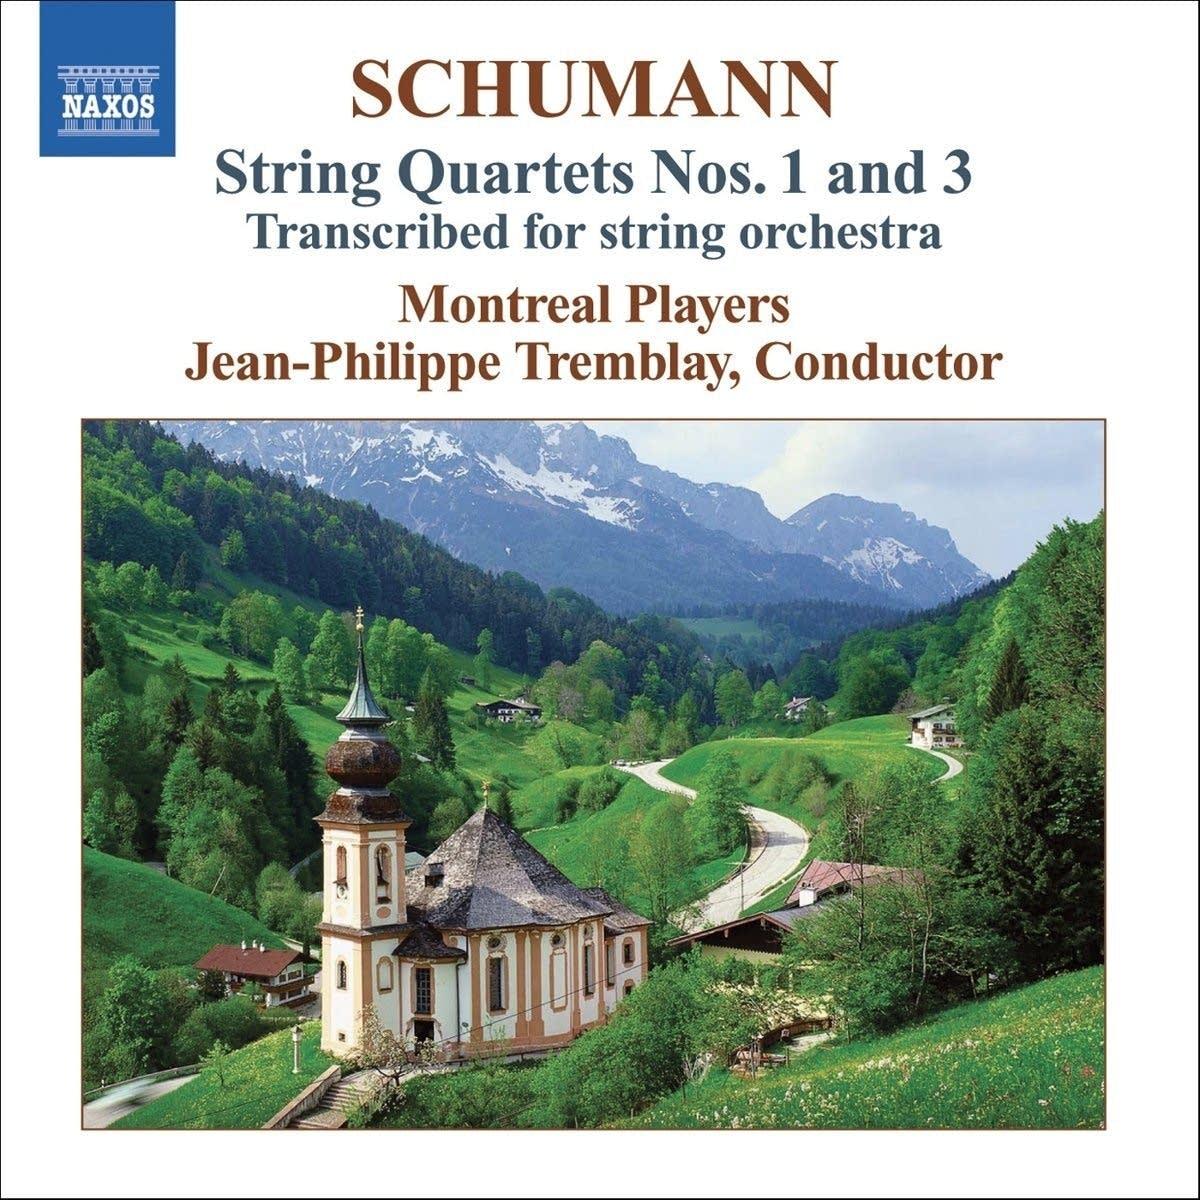 Robert Schumann - String Quartet No. 3